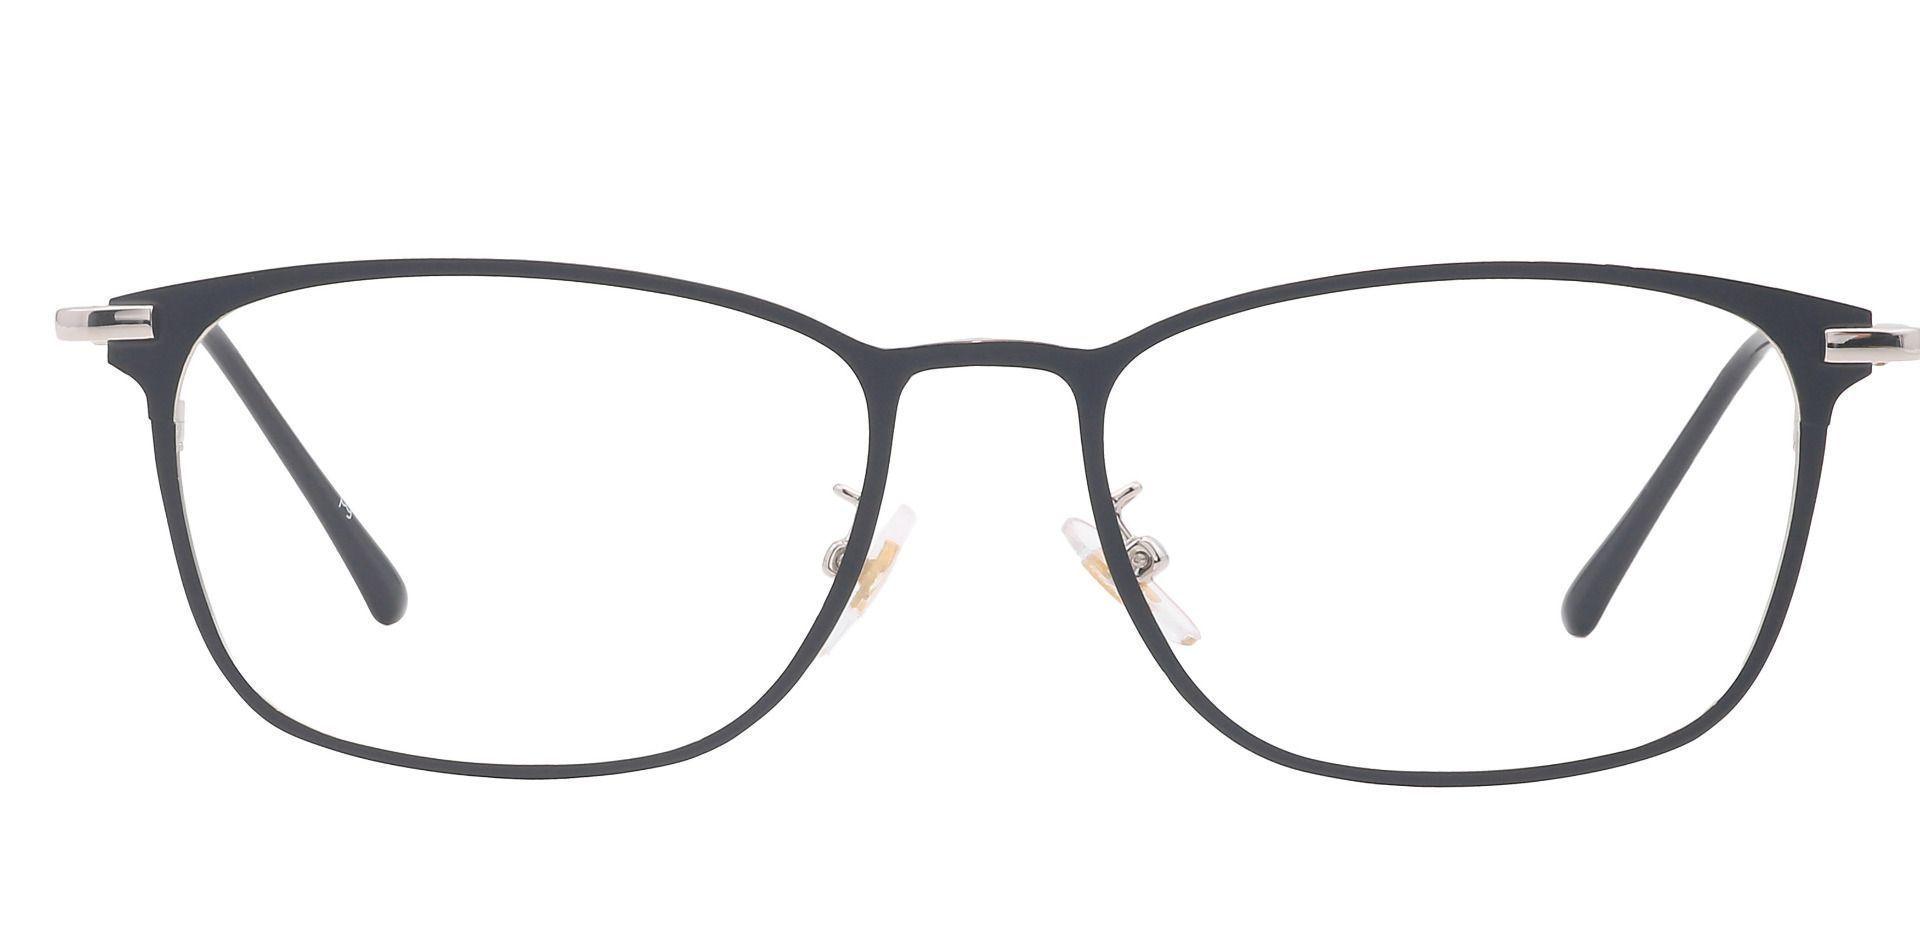 Jade Oval Reading Glasses - White